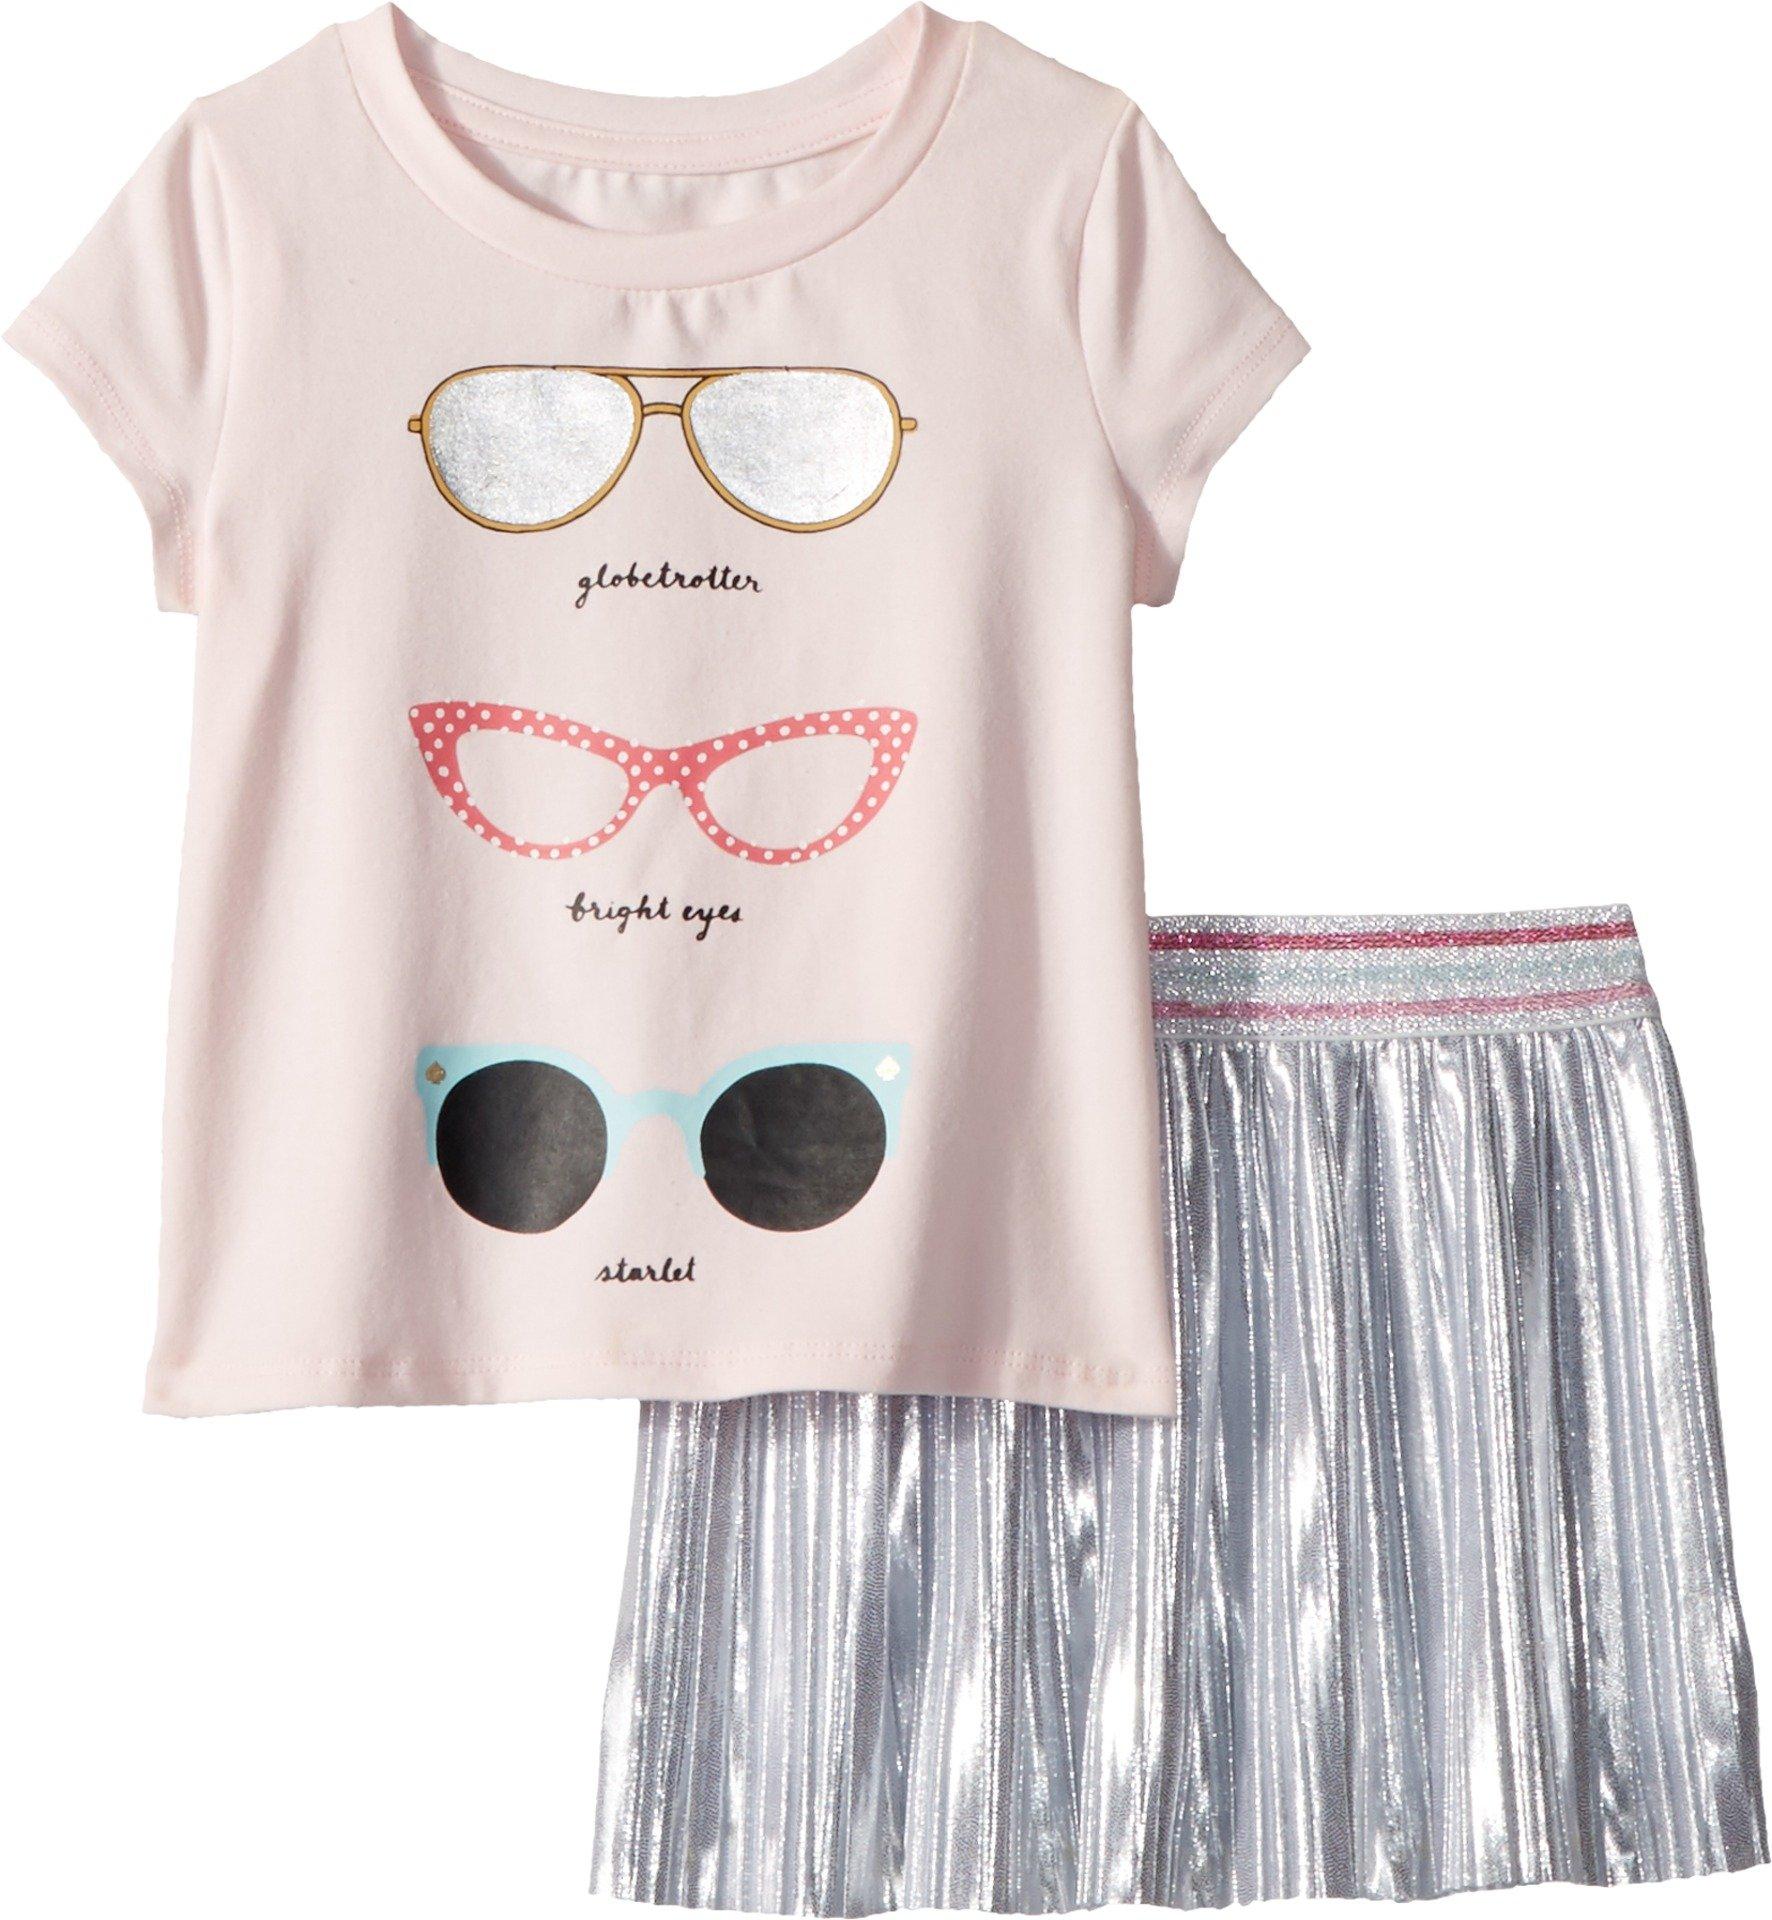 Kate Spade New York Kids Baby Girl's Sunglasses Skirt Set (Toddler/Little Kids) Sonata Pink 3T